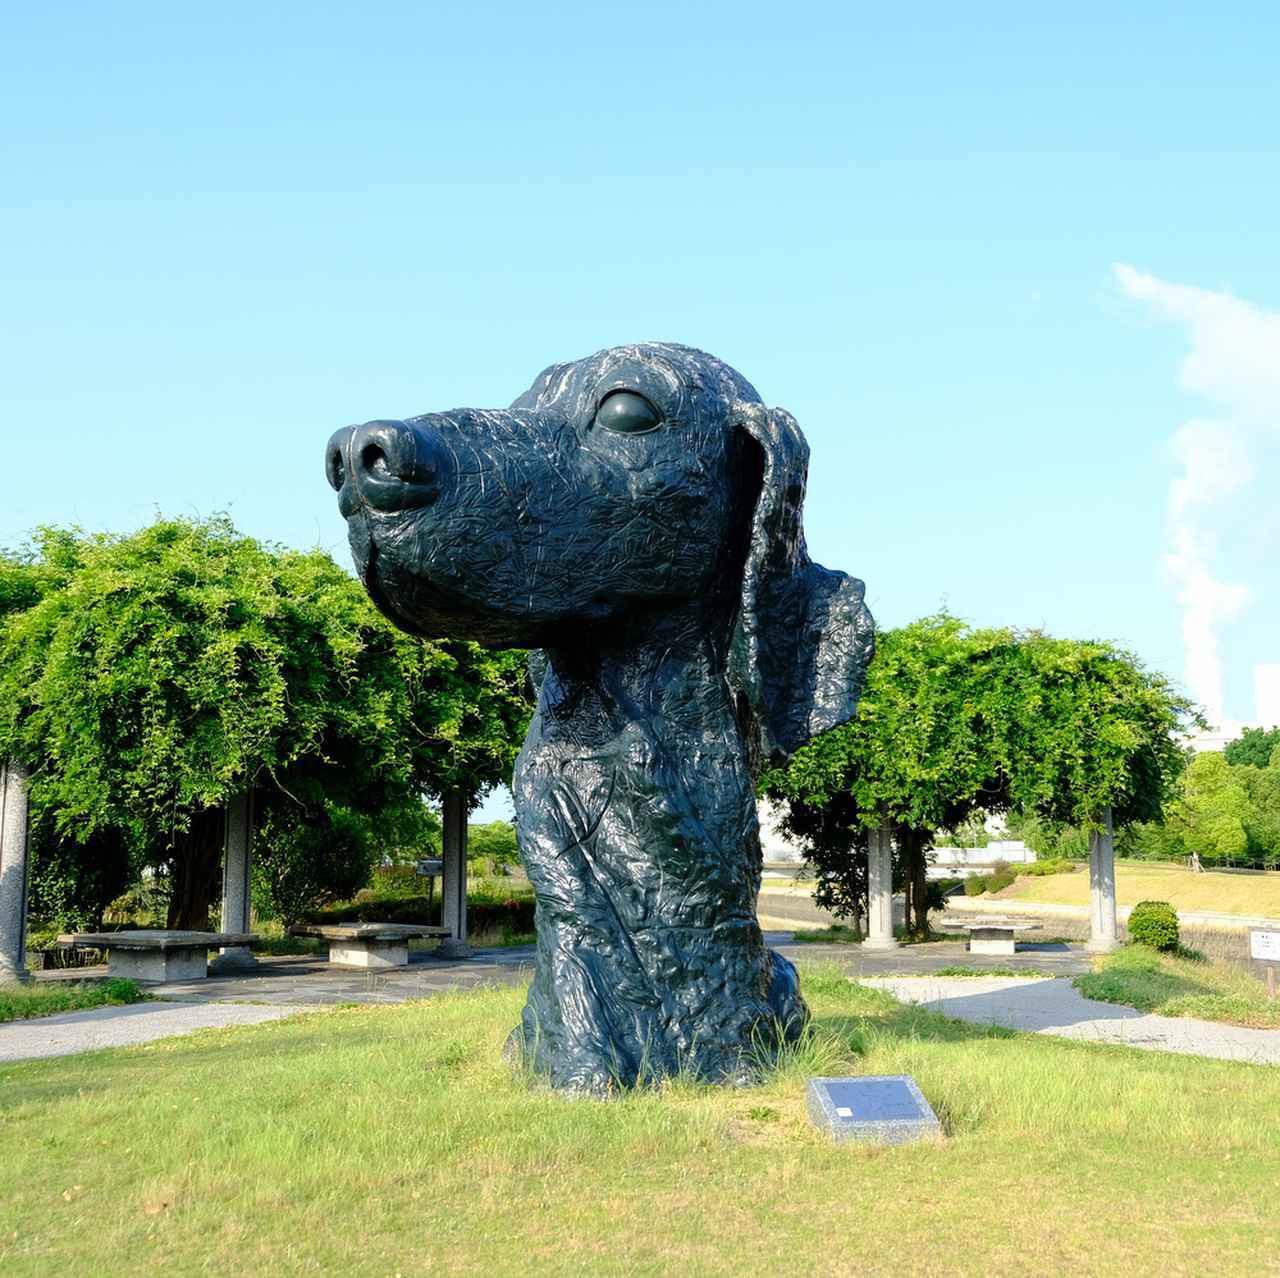 画像: リアルなワンコは「大首Ⅲ」。黒光りする犬は遠くからでも存在感があります。